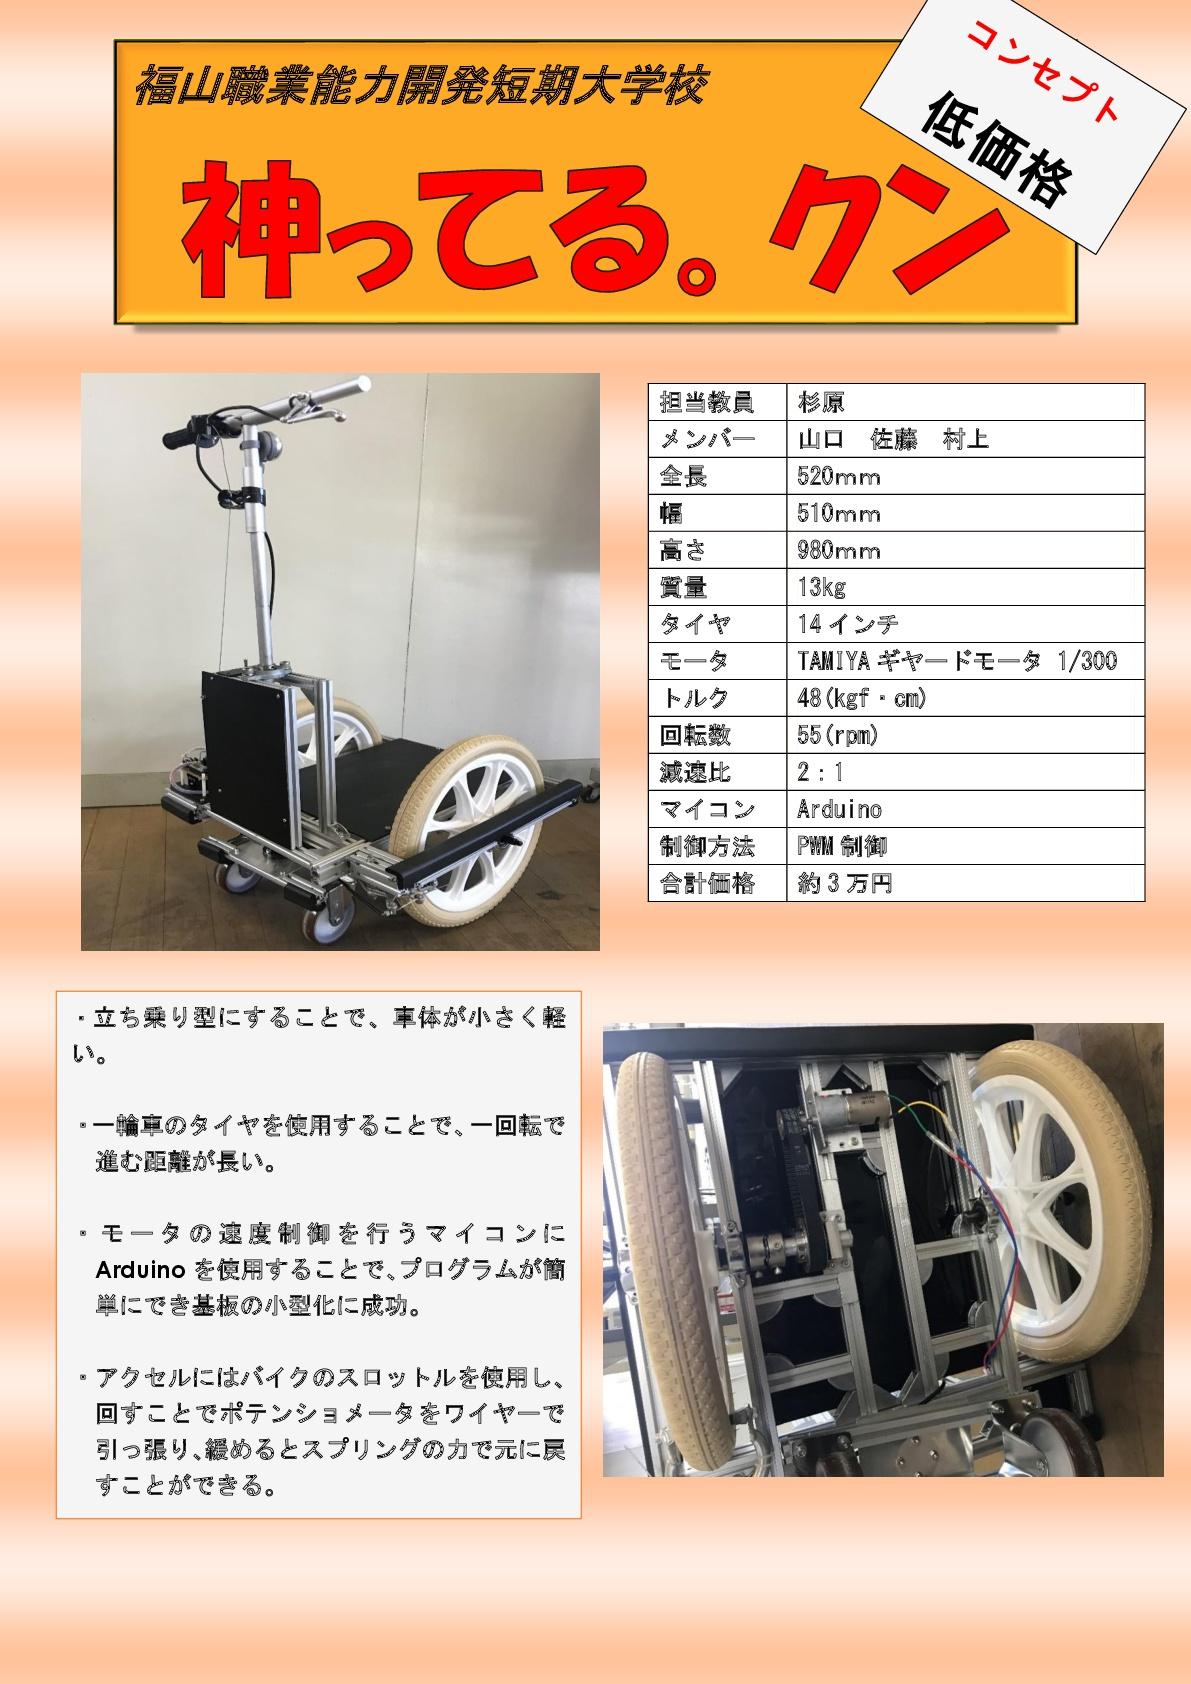 1_エコ電動車技術講演会2017_福山職業能力開発短期大学校_ハイボール